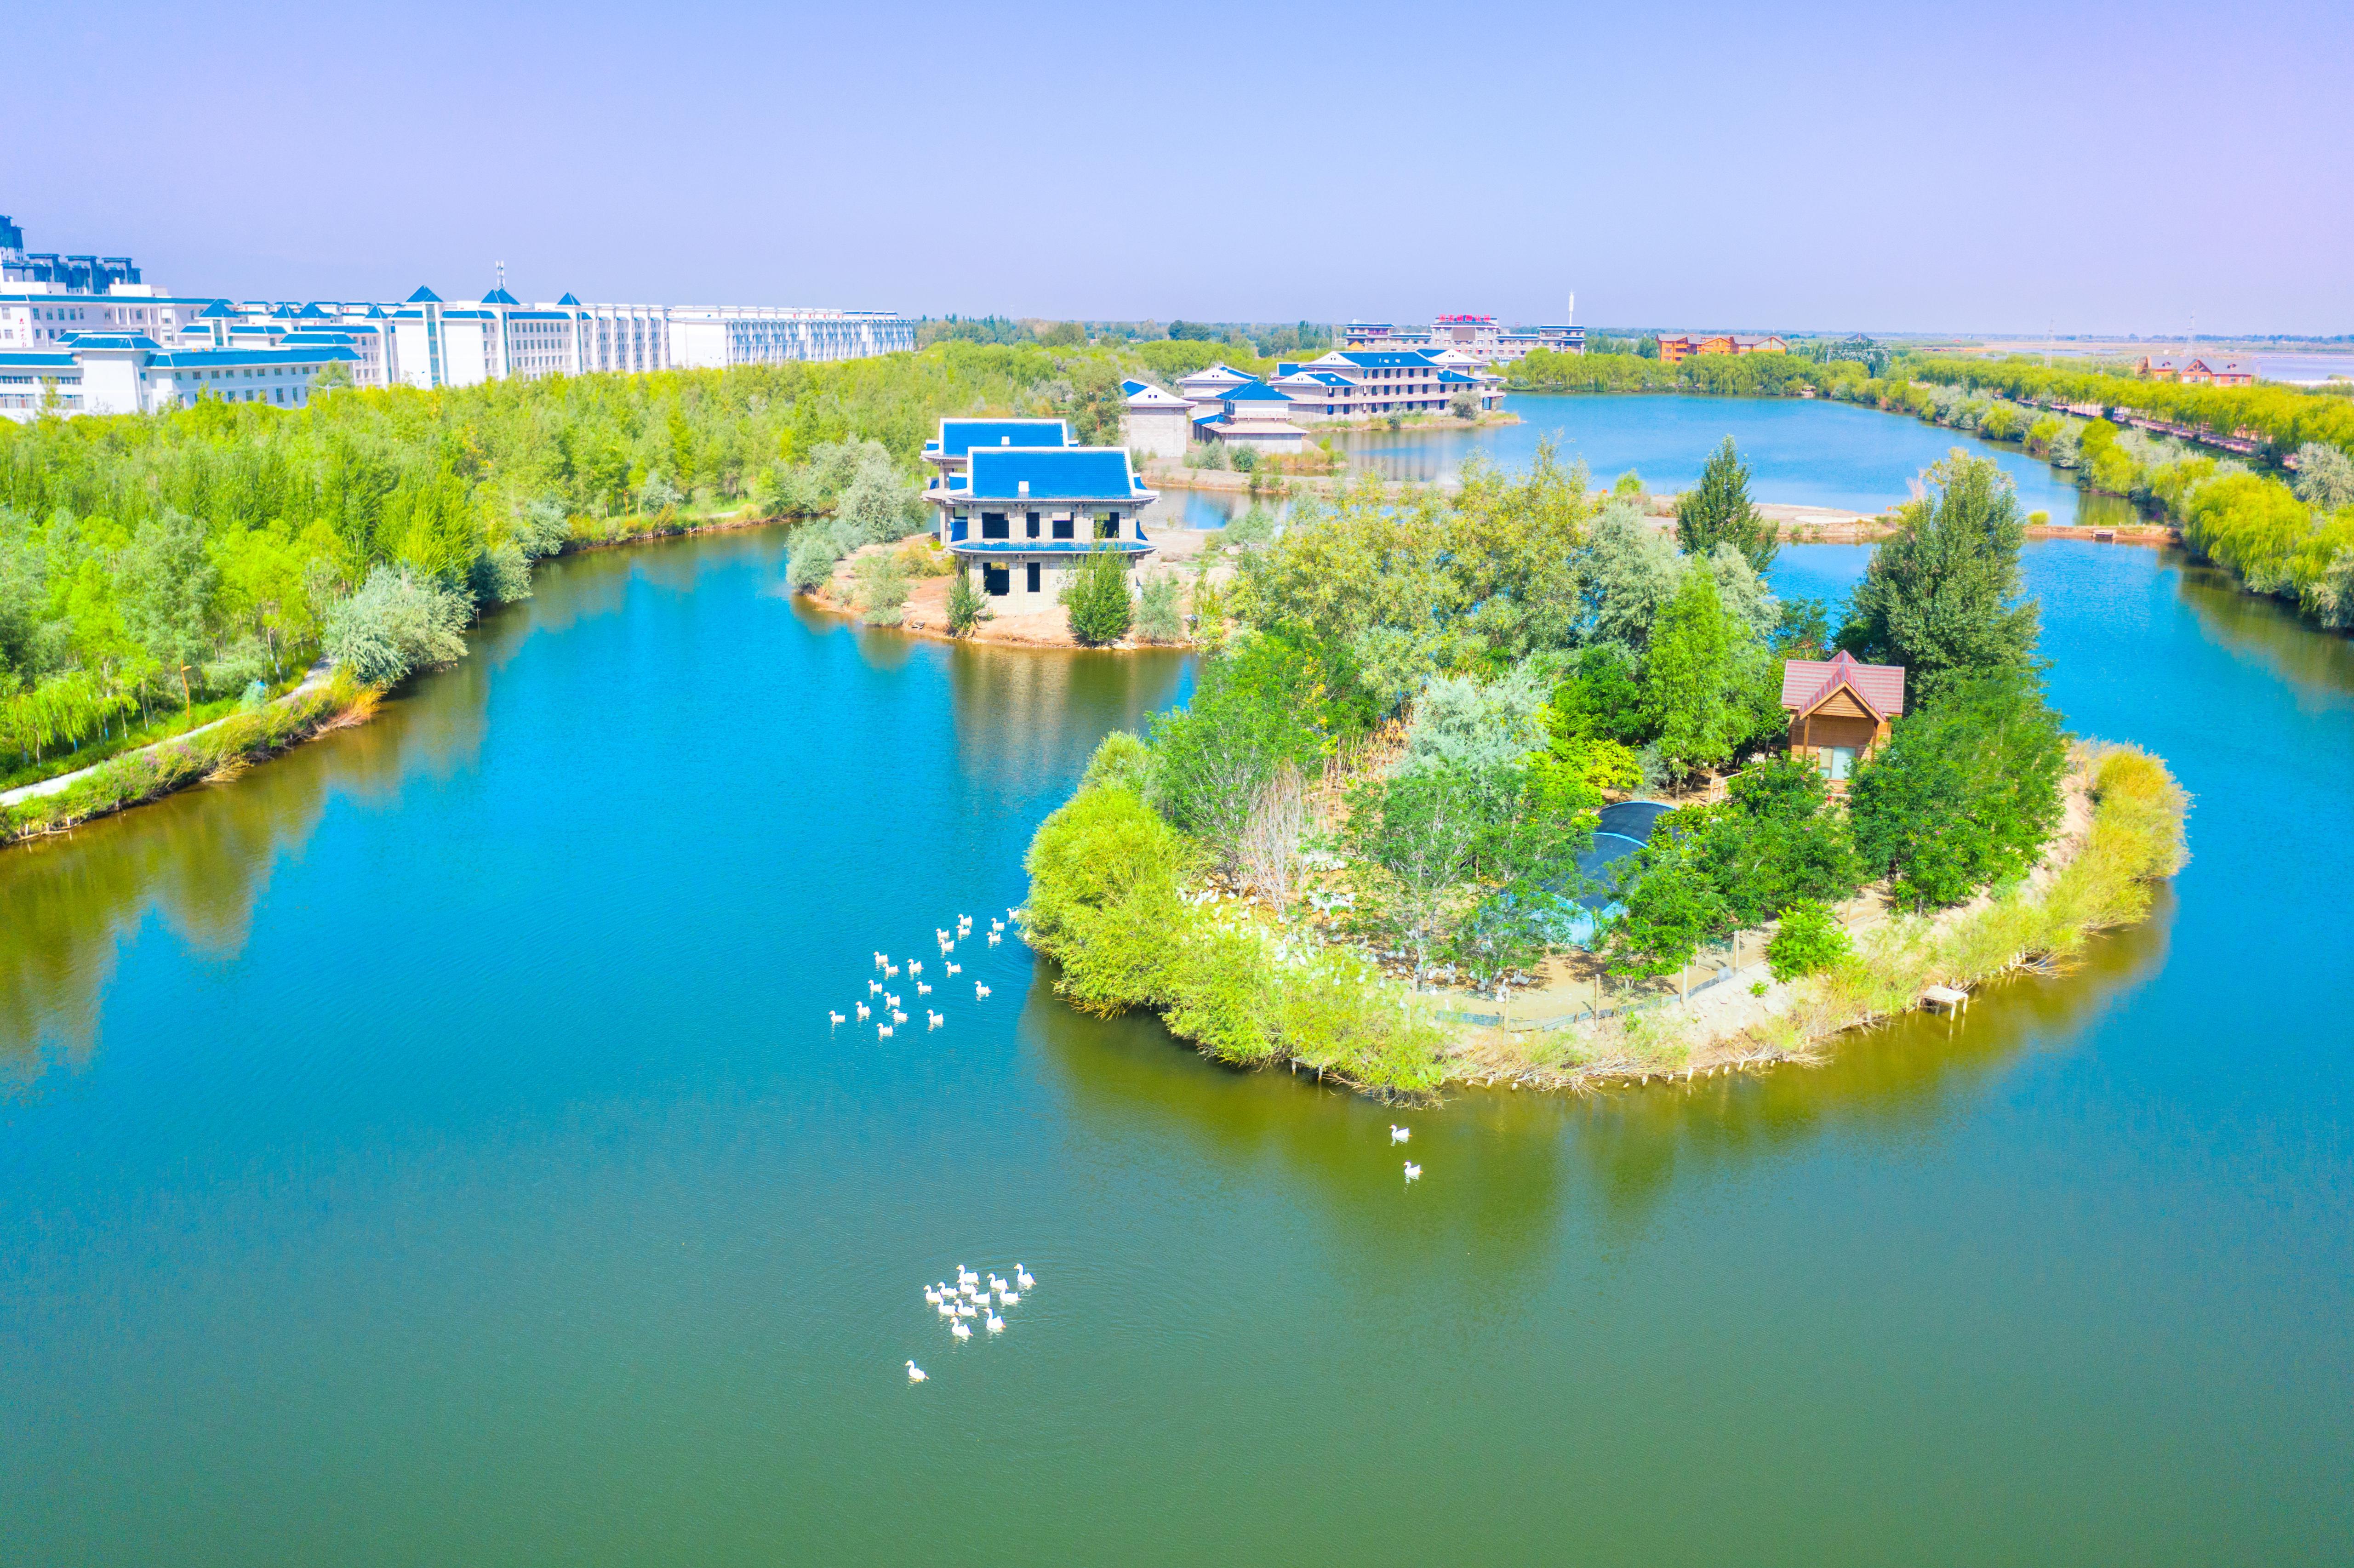 Dahu Bay Scenic Resort of Gaotai